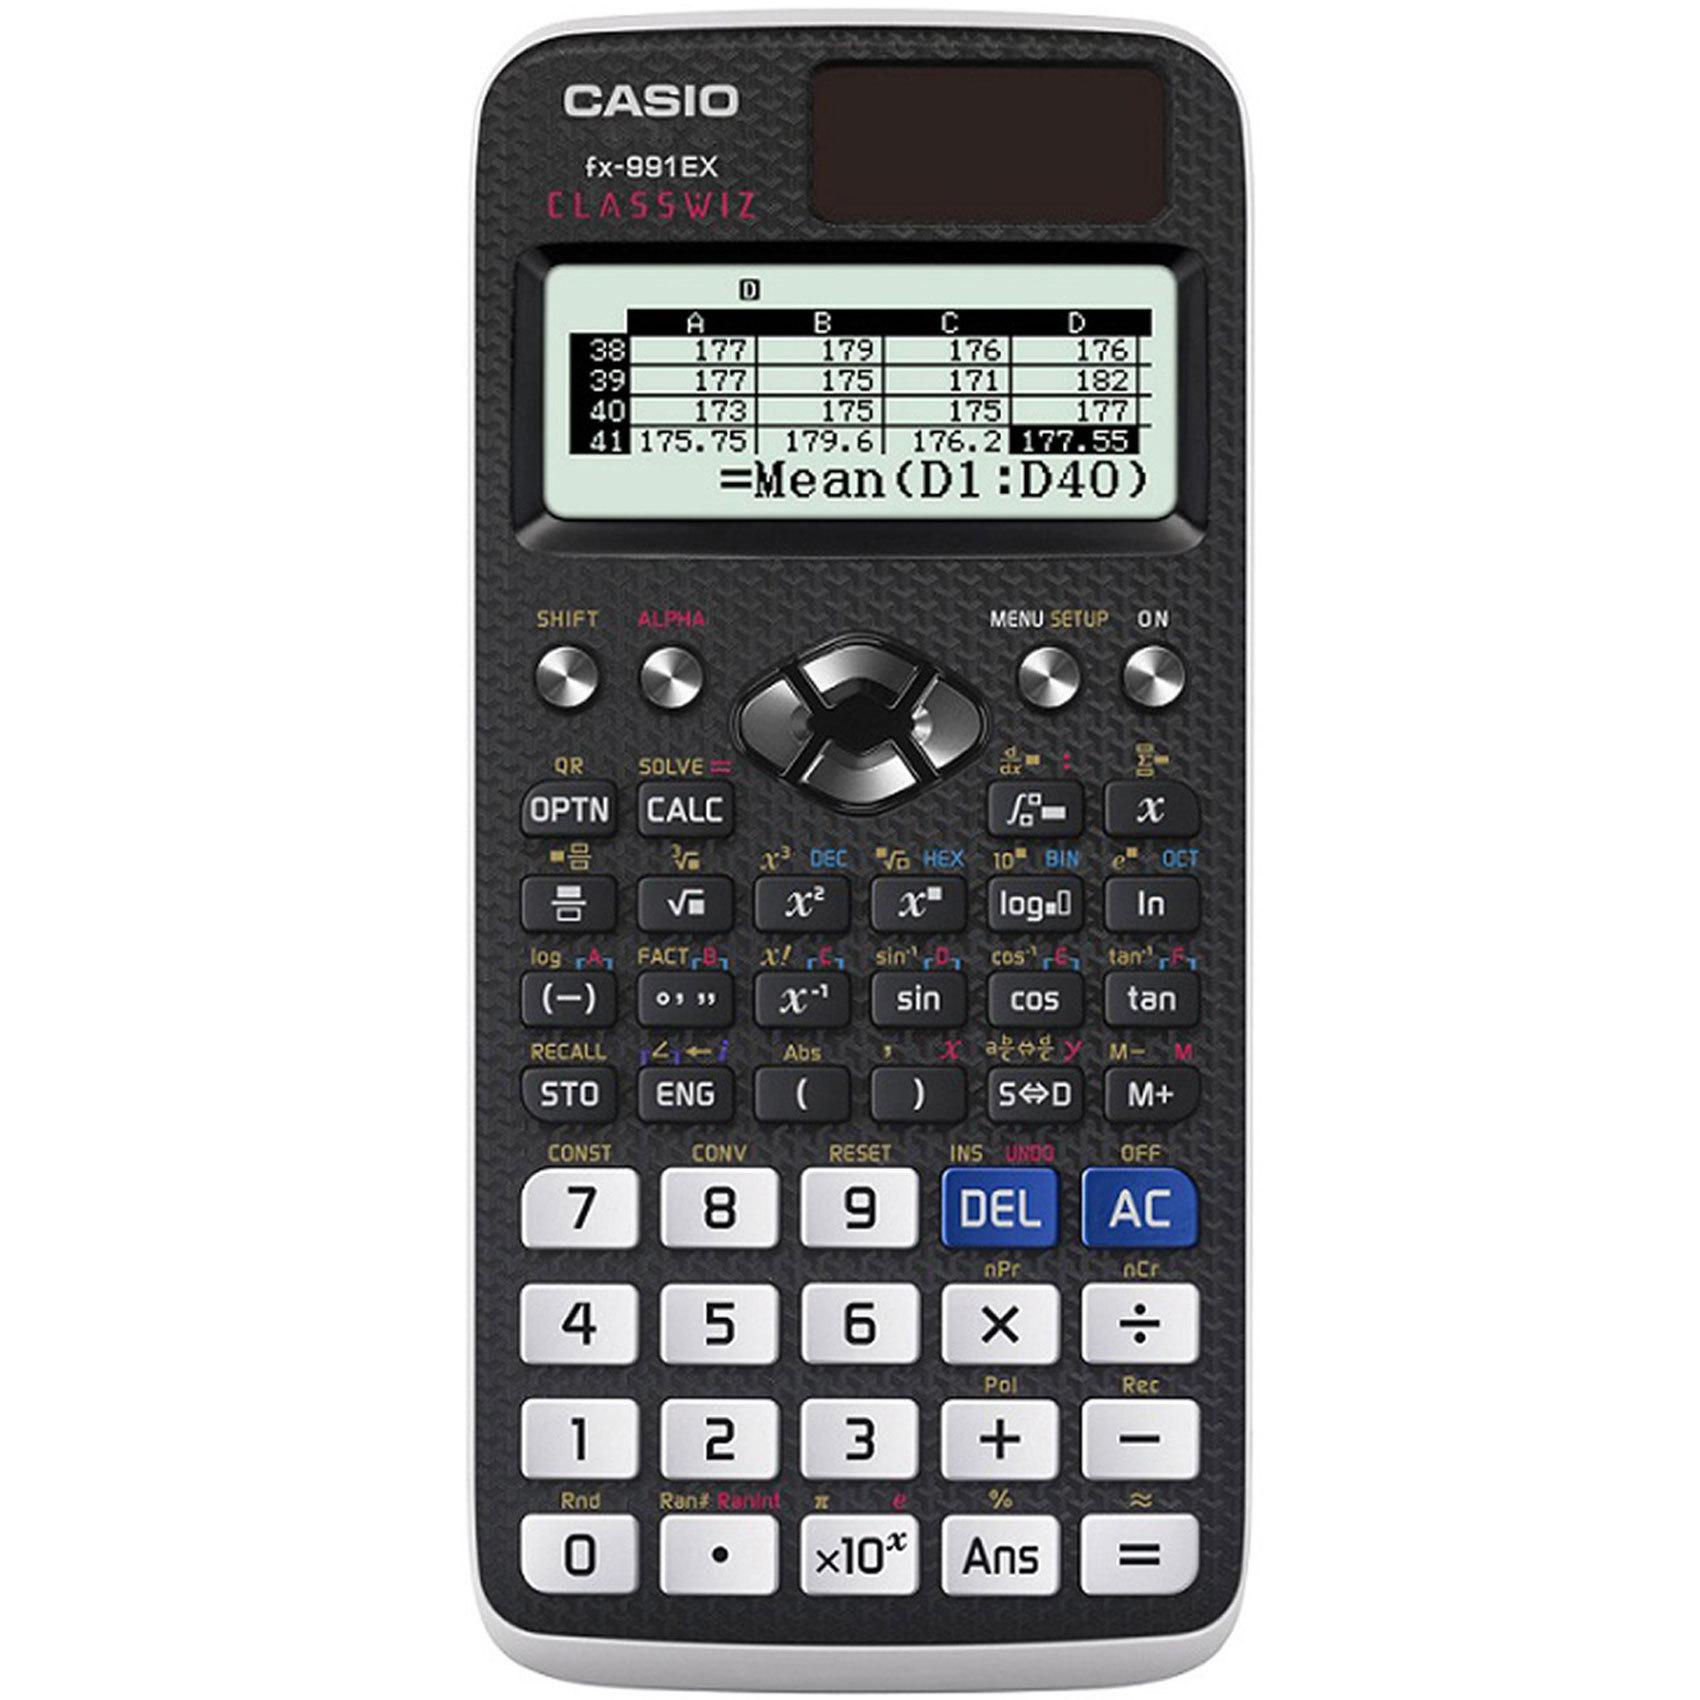 CASIO FX-991EX CLASSWIZ SCIENTIFIC